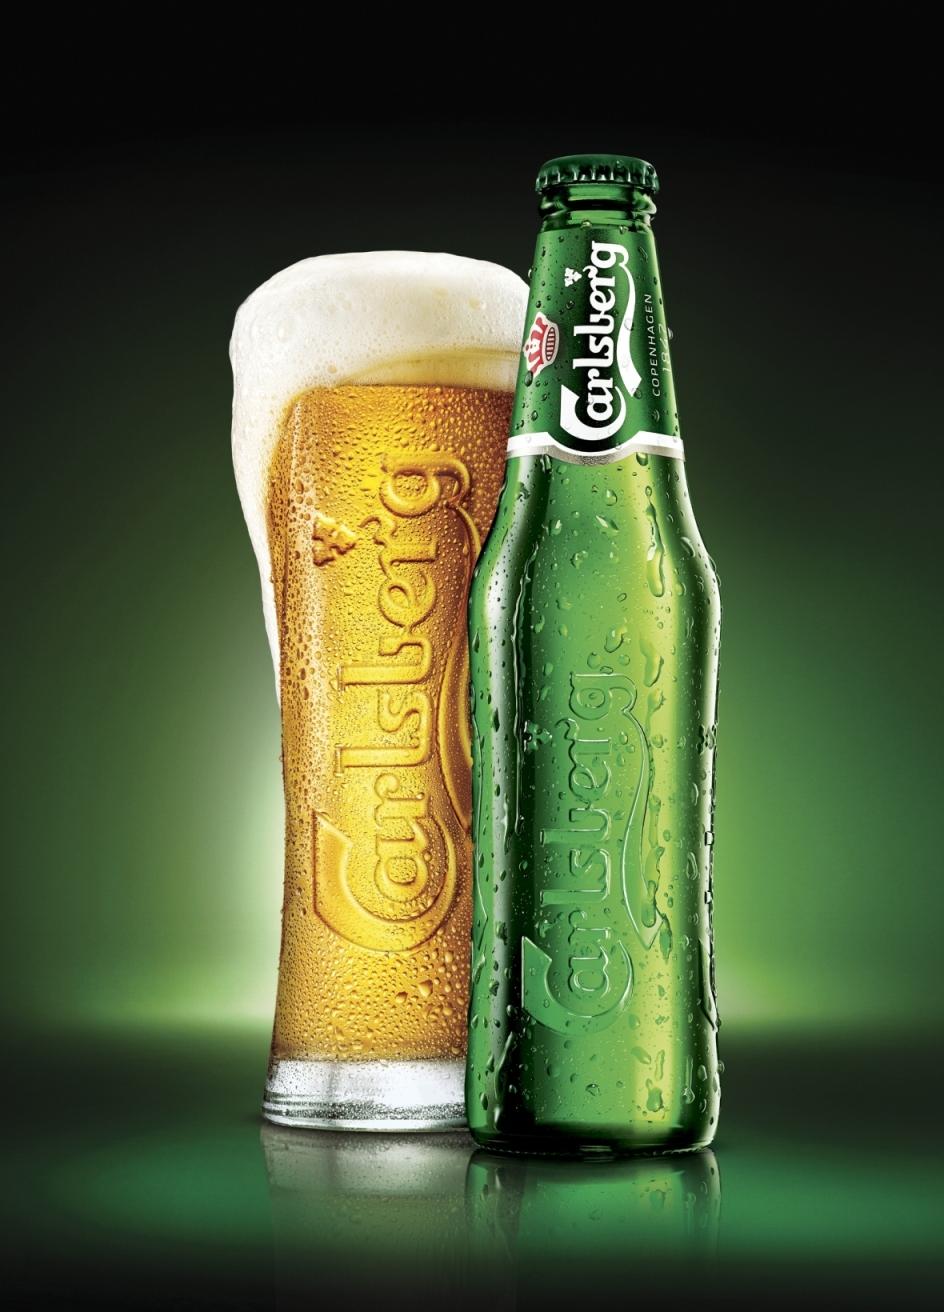 Пиво Carlsberg стало спонсором проекта Mesto.co.il